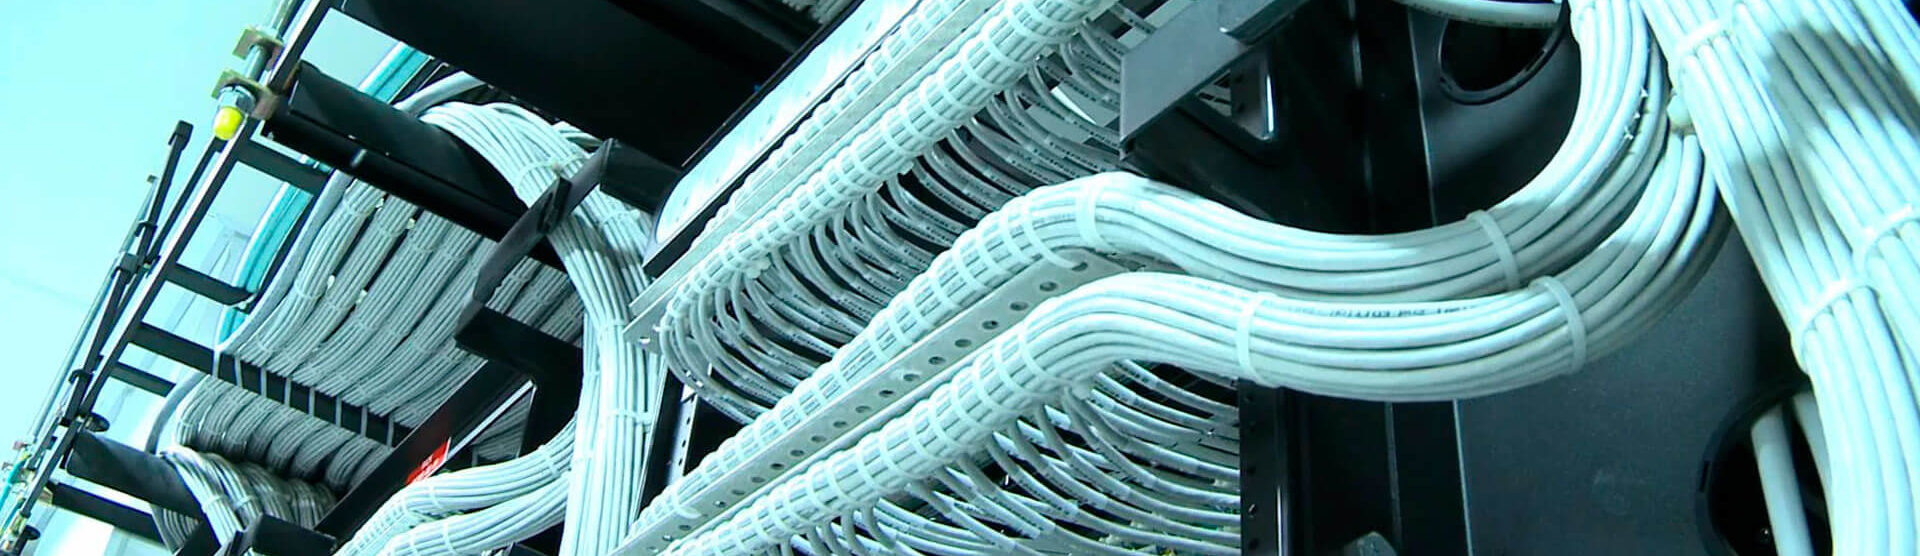 монтаж слаботочных сетей в спб